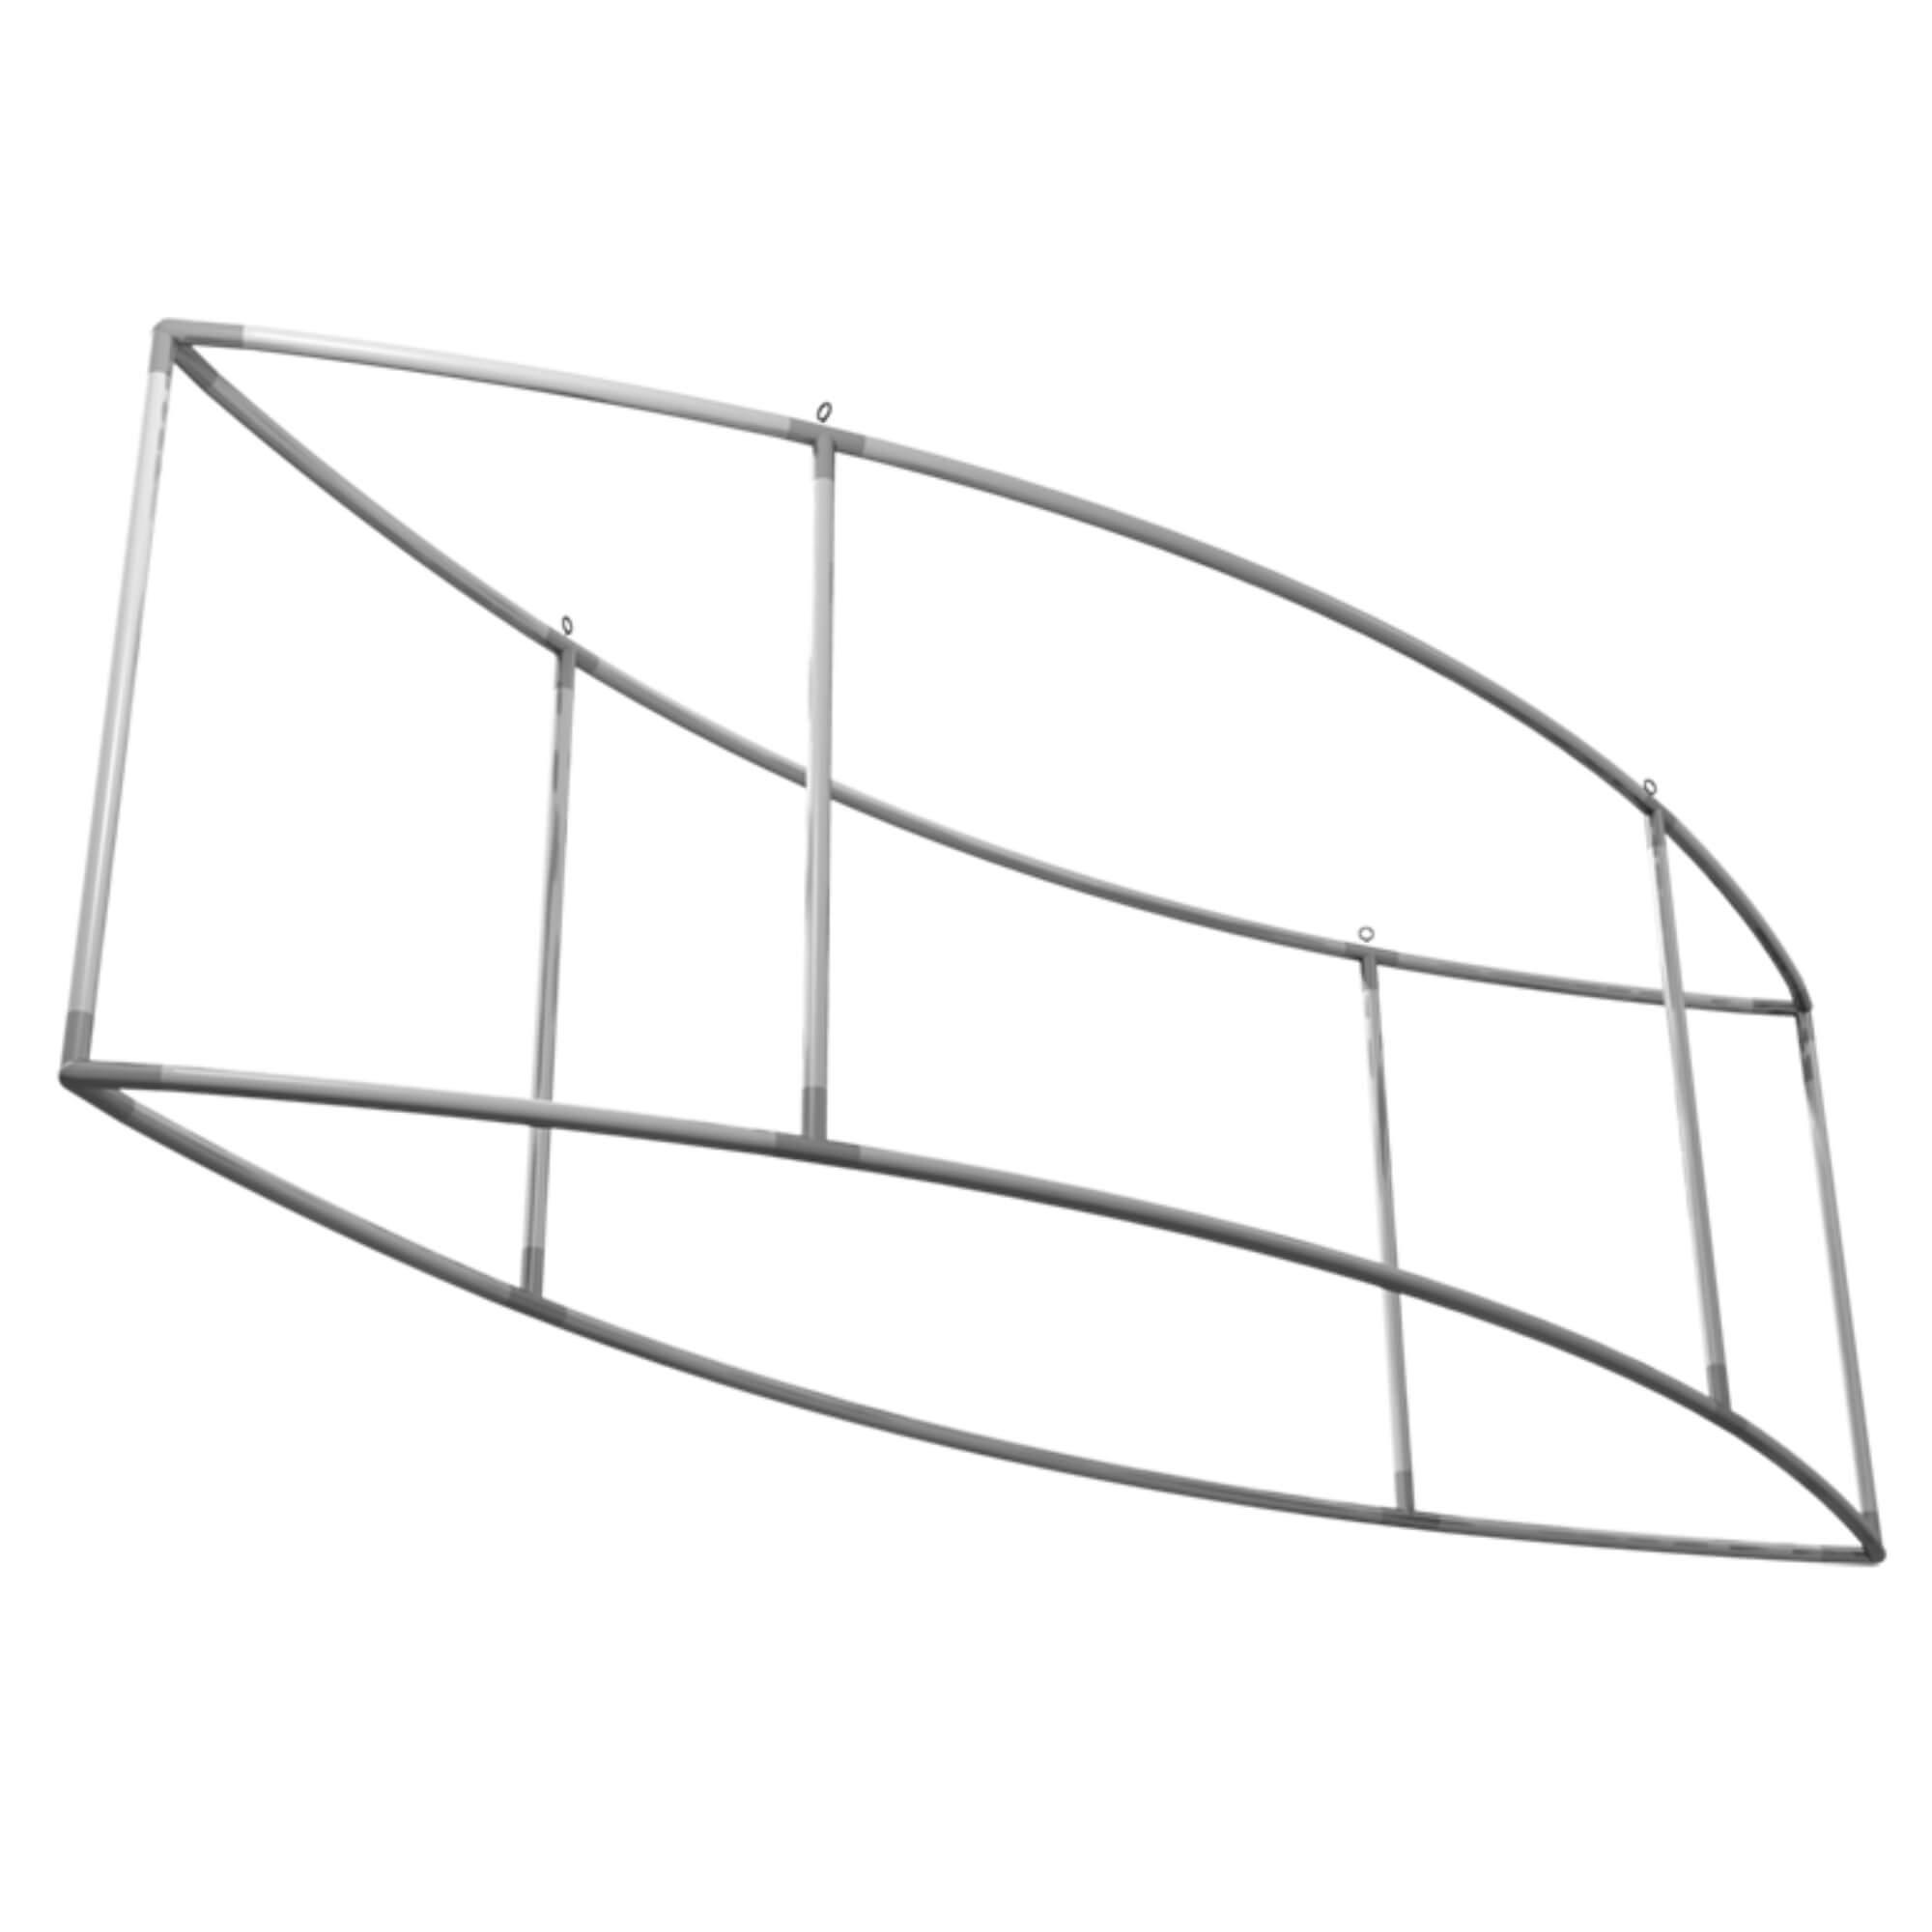 2. Proformulate Podwieszenie - Oko - Konstrukcja